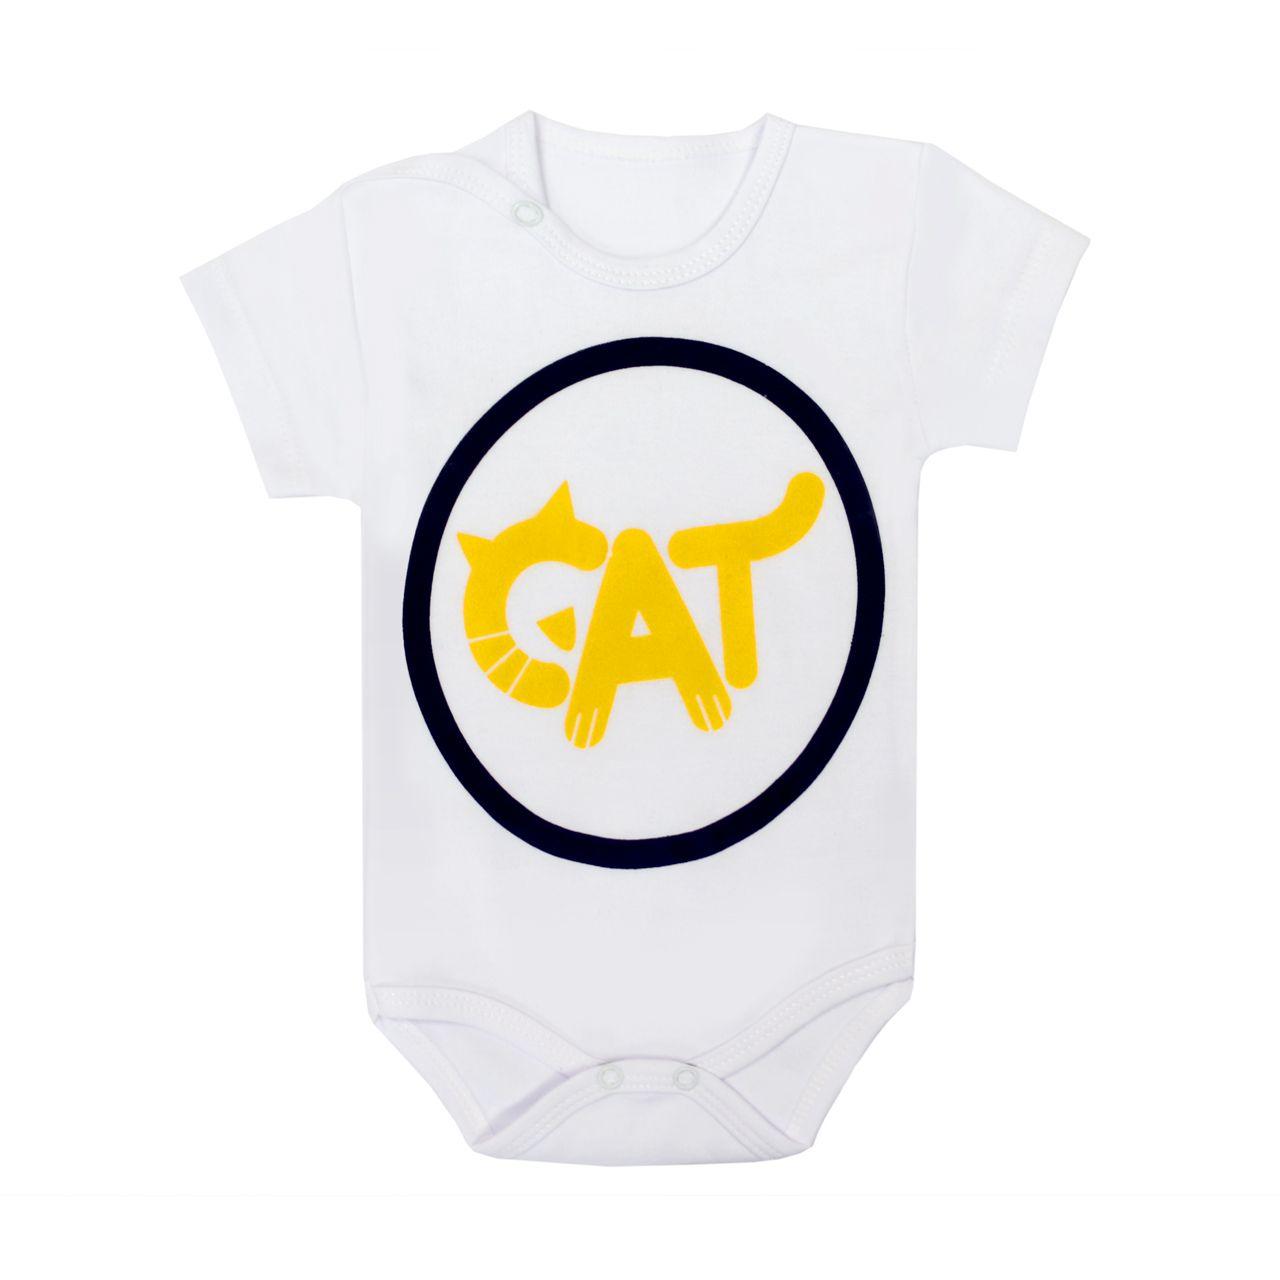 ست 3 تکه لباس نوزادی بی بی وان مدل گربه کد 486 -  - 4